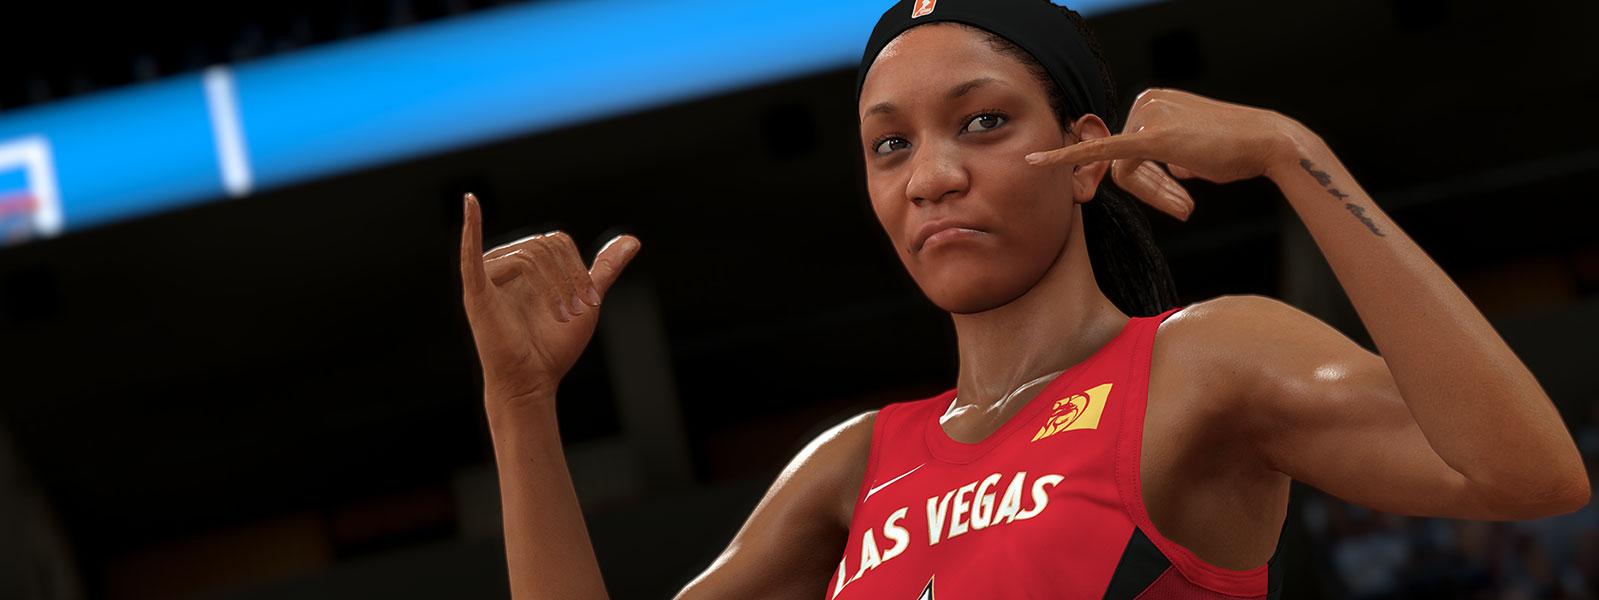 Jogadora da WNBA Las Vegas posando